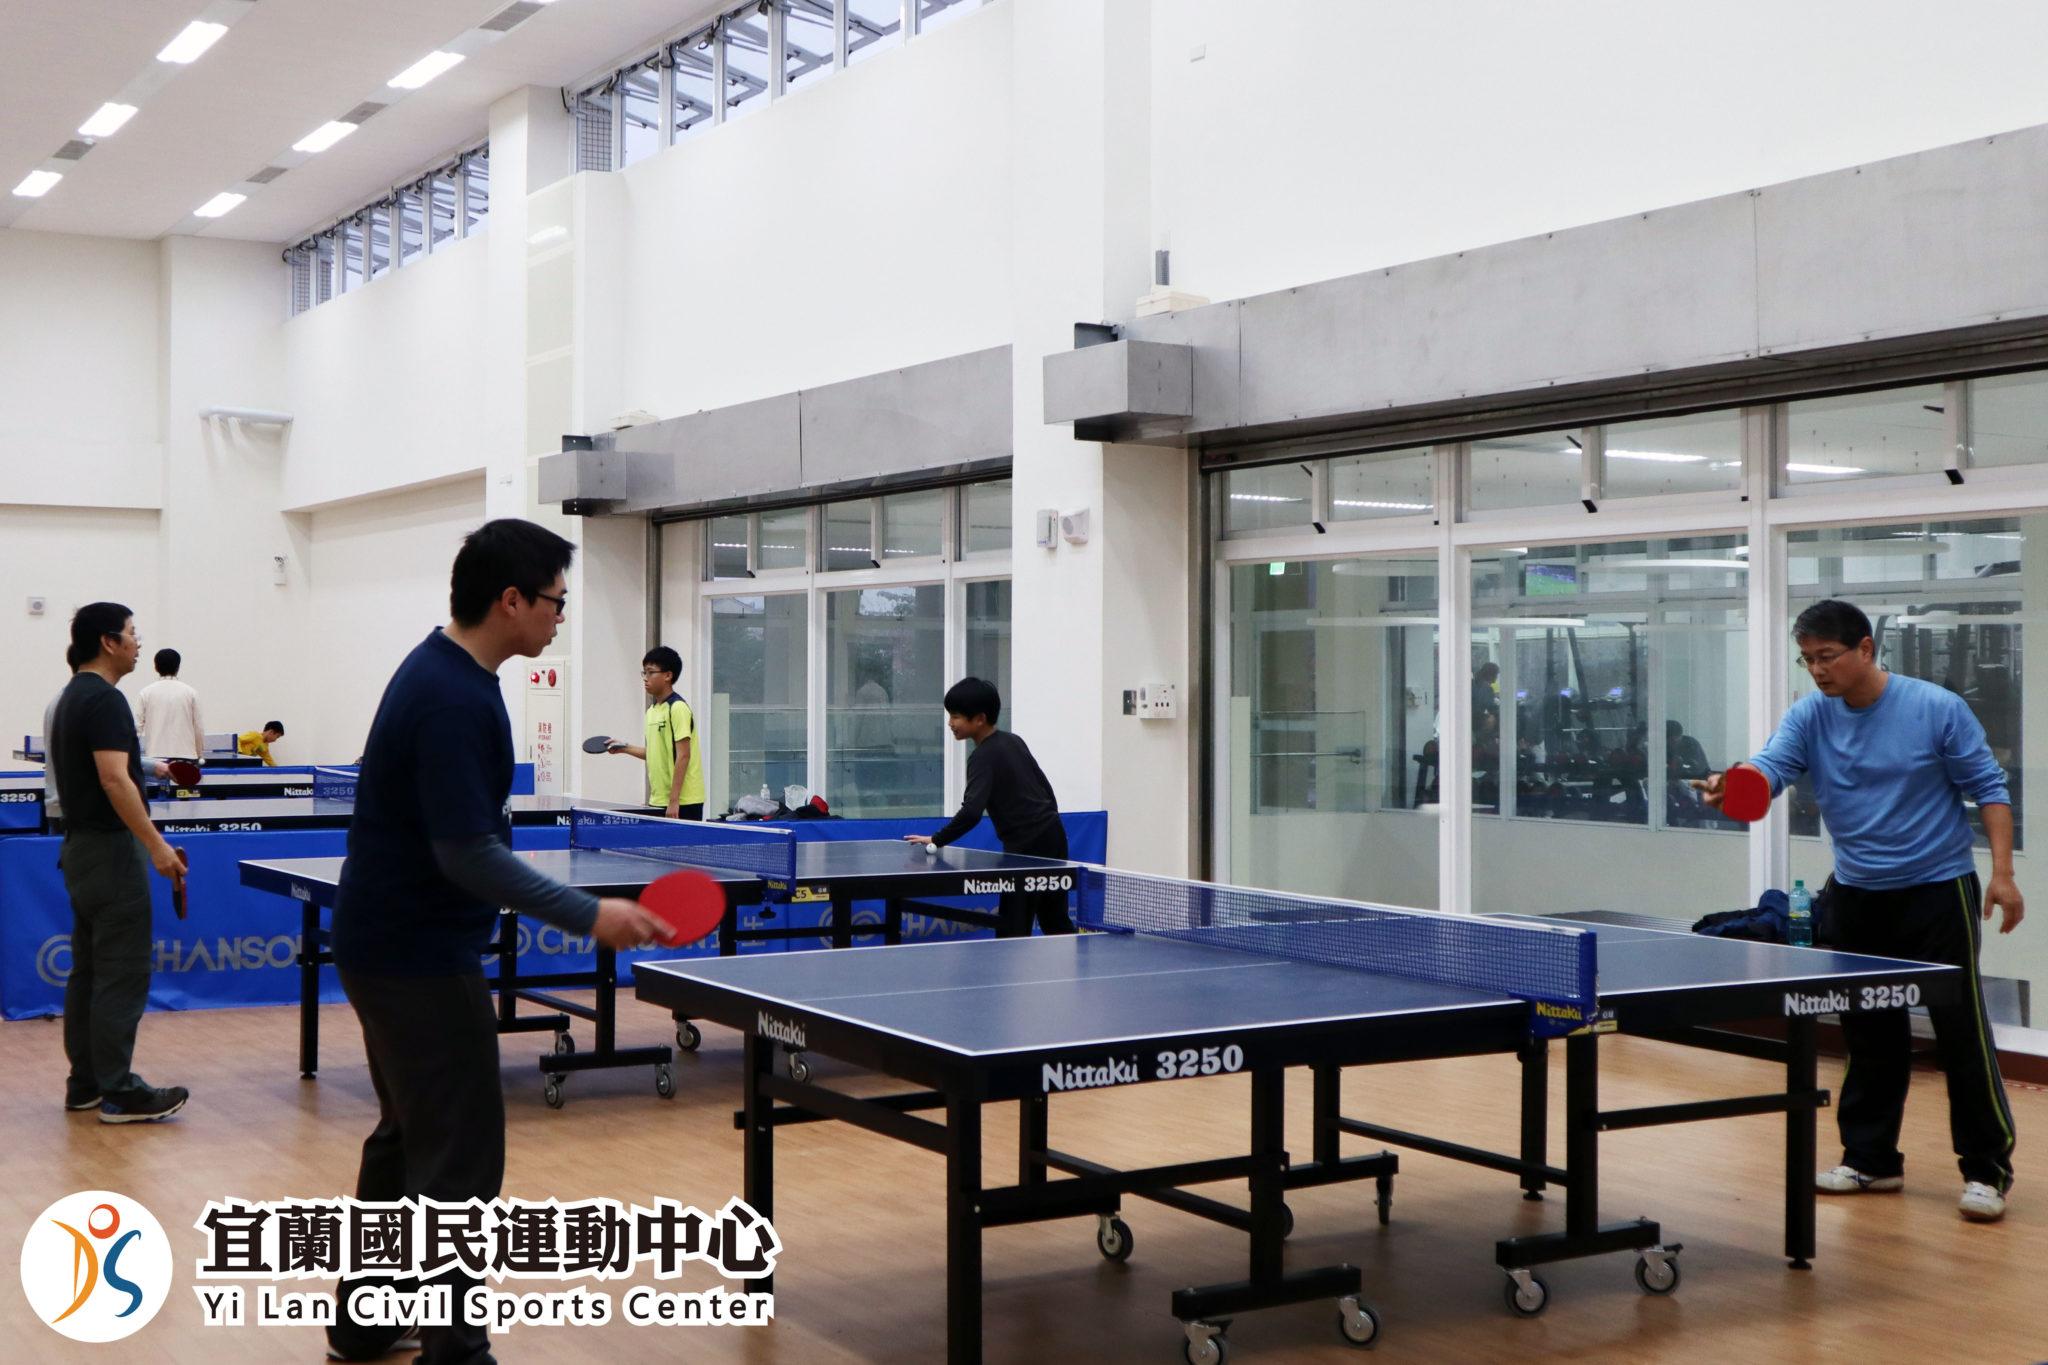 桌球教室開放各年齡層練習(jpg)